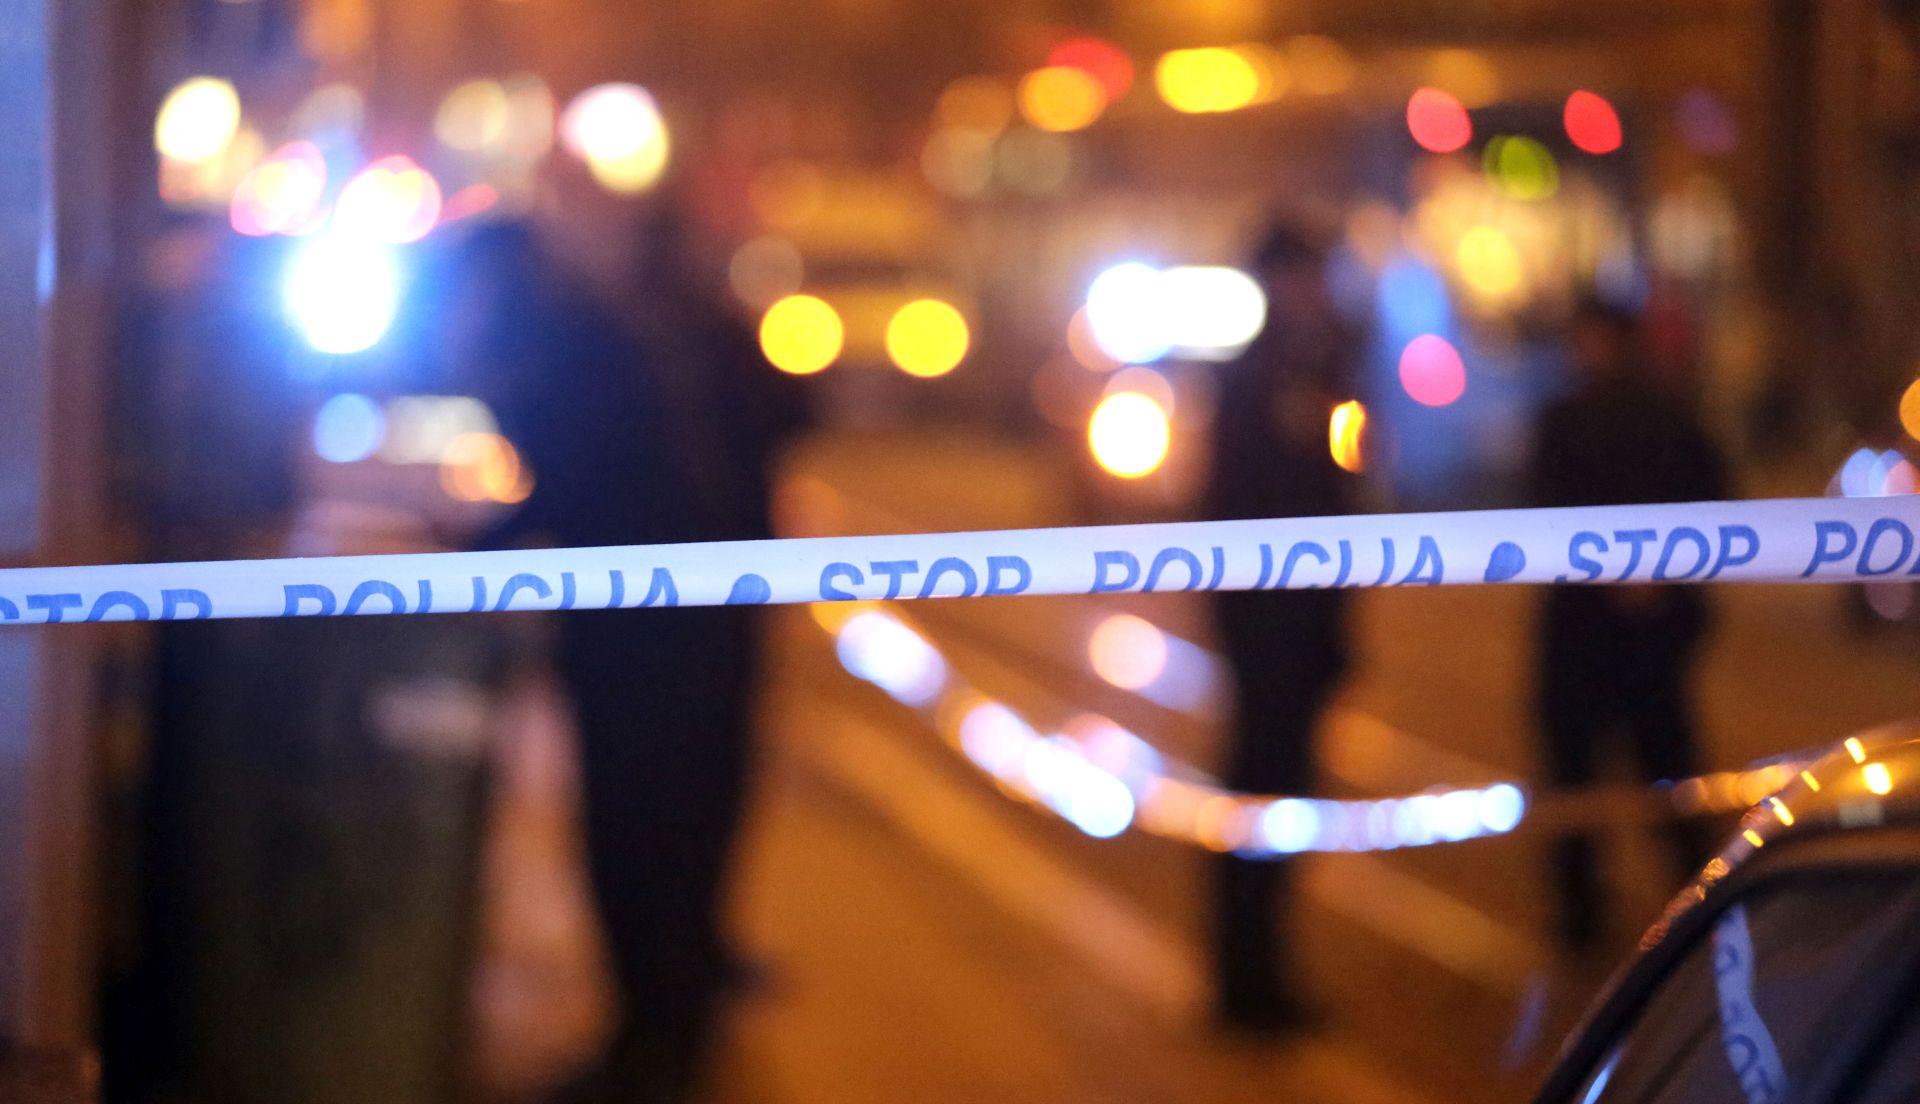 VINKURAN U kamenolomu pronađeno mrtvo tijelo 21-godišnjaka